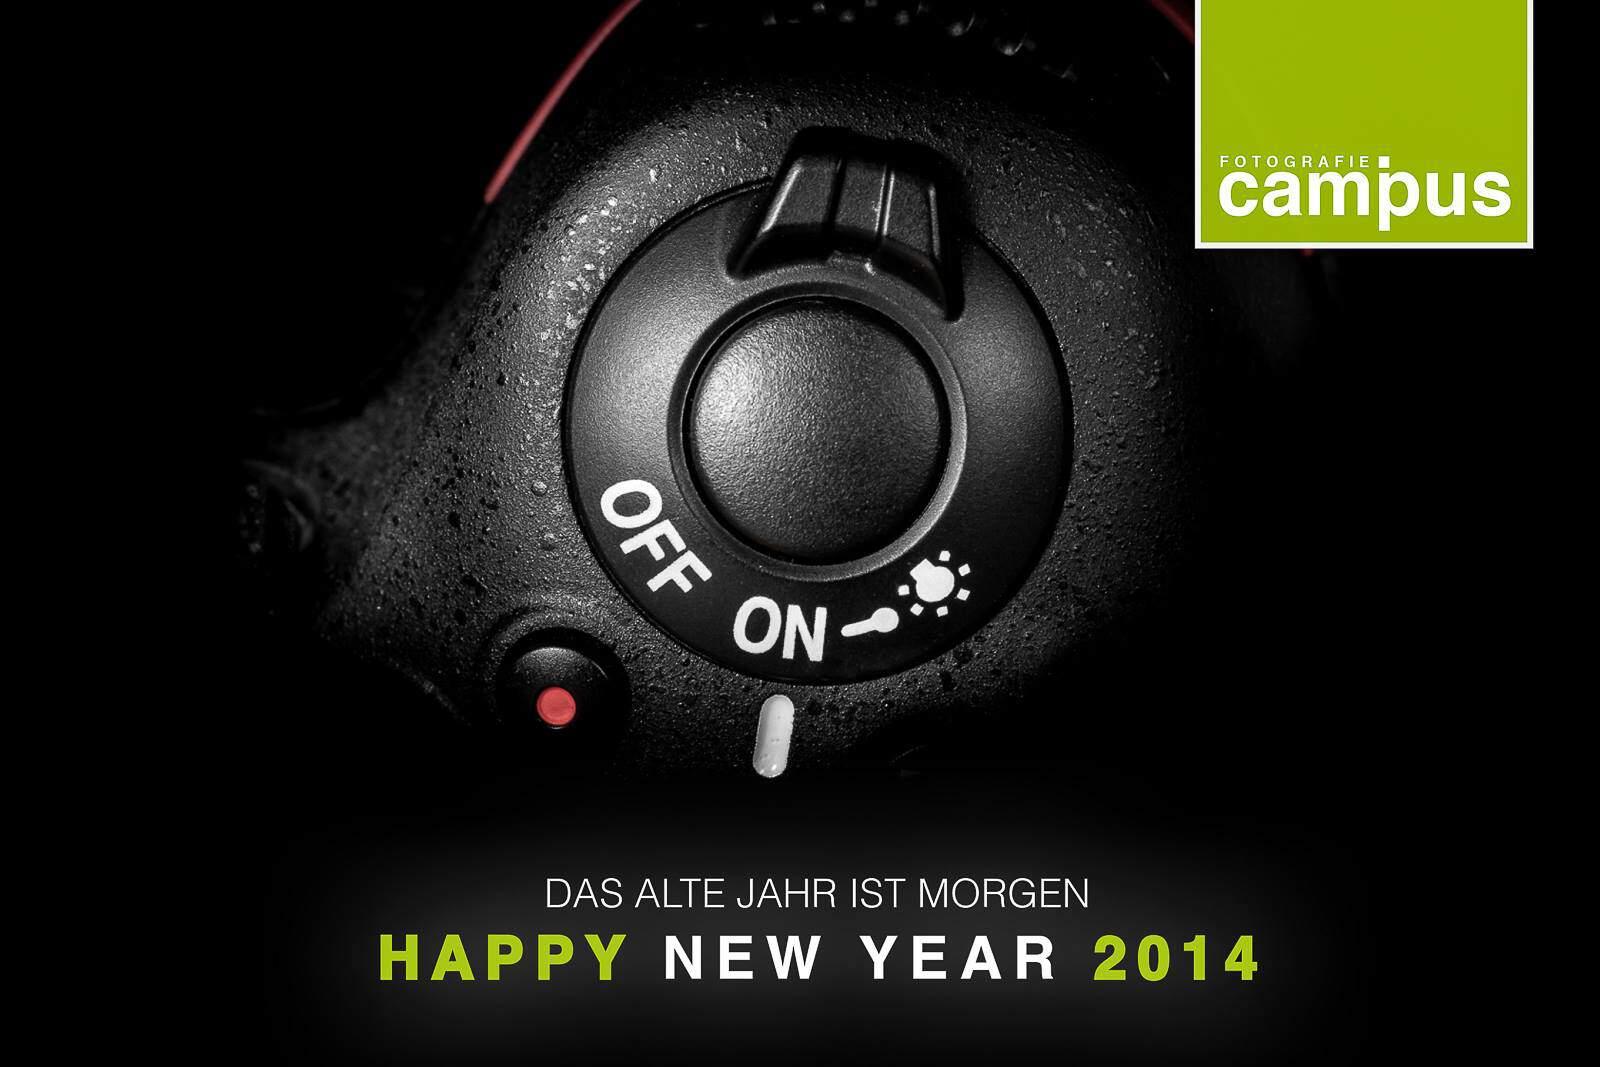 FotografieCampus - ein volles Jahr mit neuen Workshops